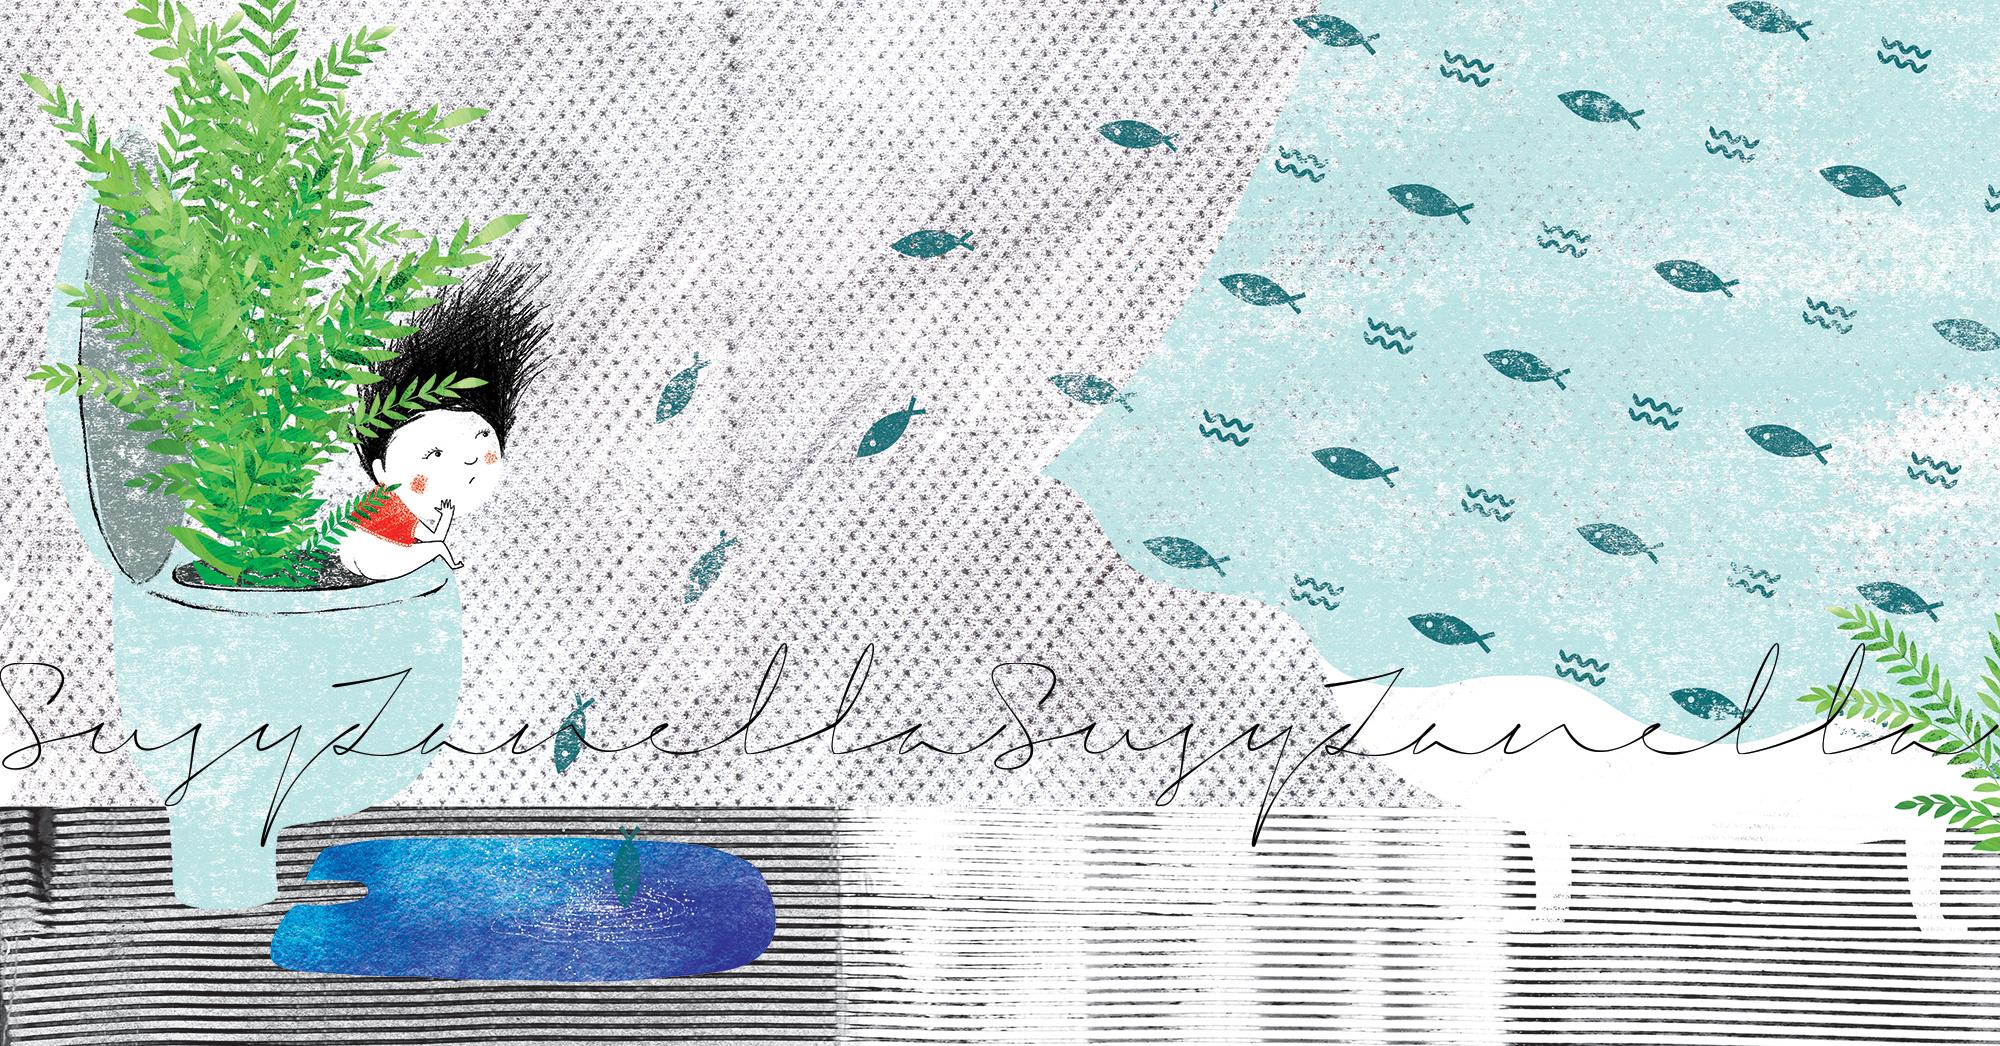 susyzanella-assurdemeraviglie-io-sono-gia-grande-improntedicarta-illustrazioni2